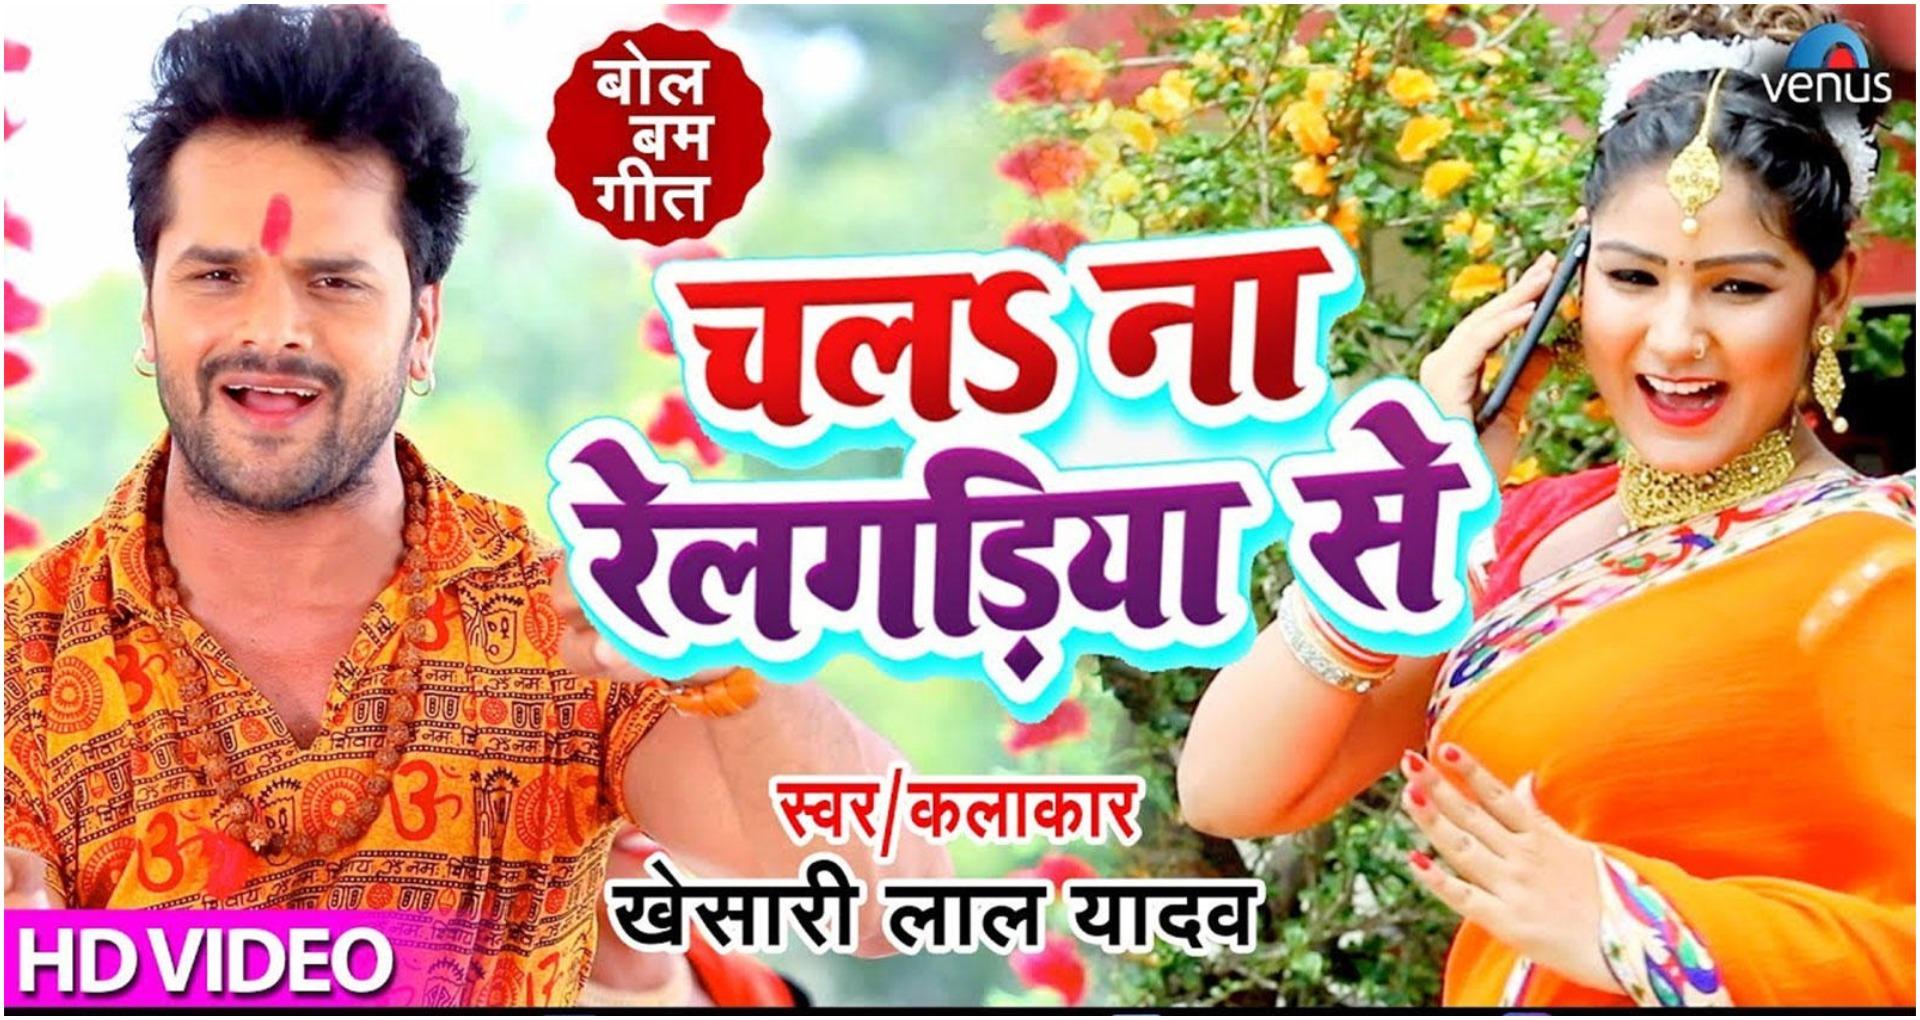 Chala Na Railgadiya Se Bol Bam Song: यूट्यूब पर ट्रेंड है खेसारी लाल यादव का ये बोल बम सॉन्ग, देखें वीडियो